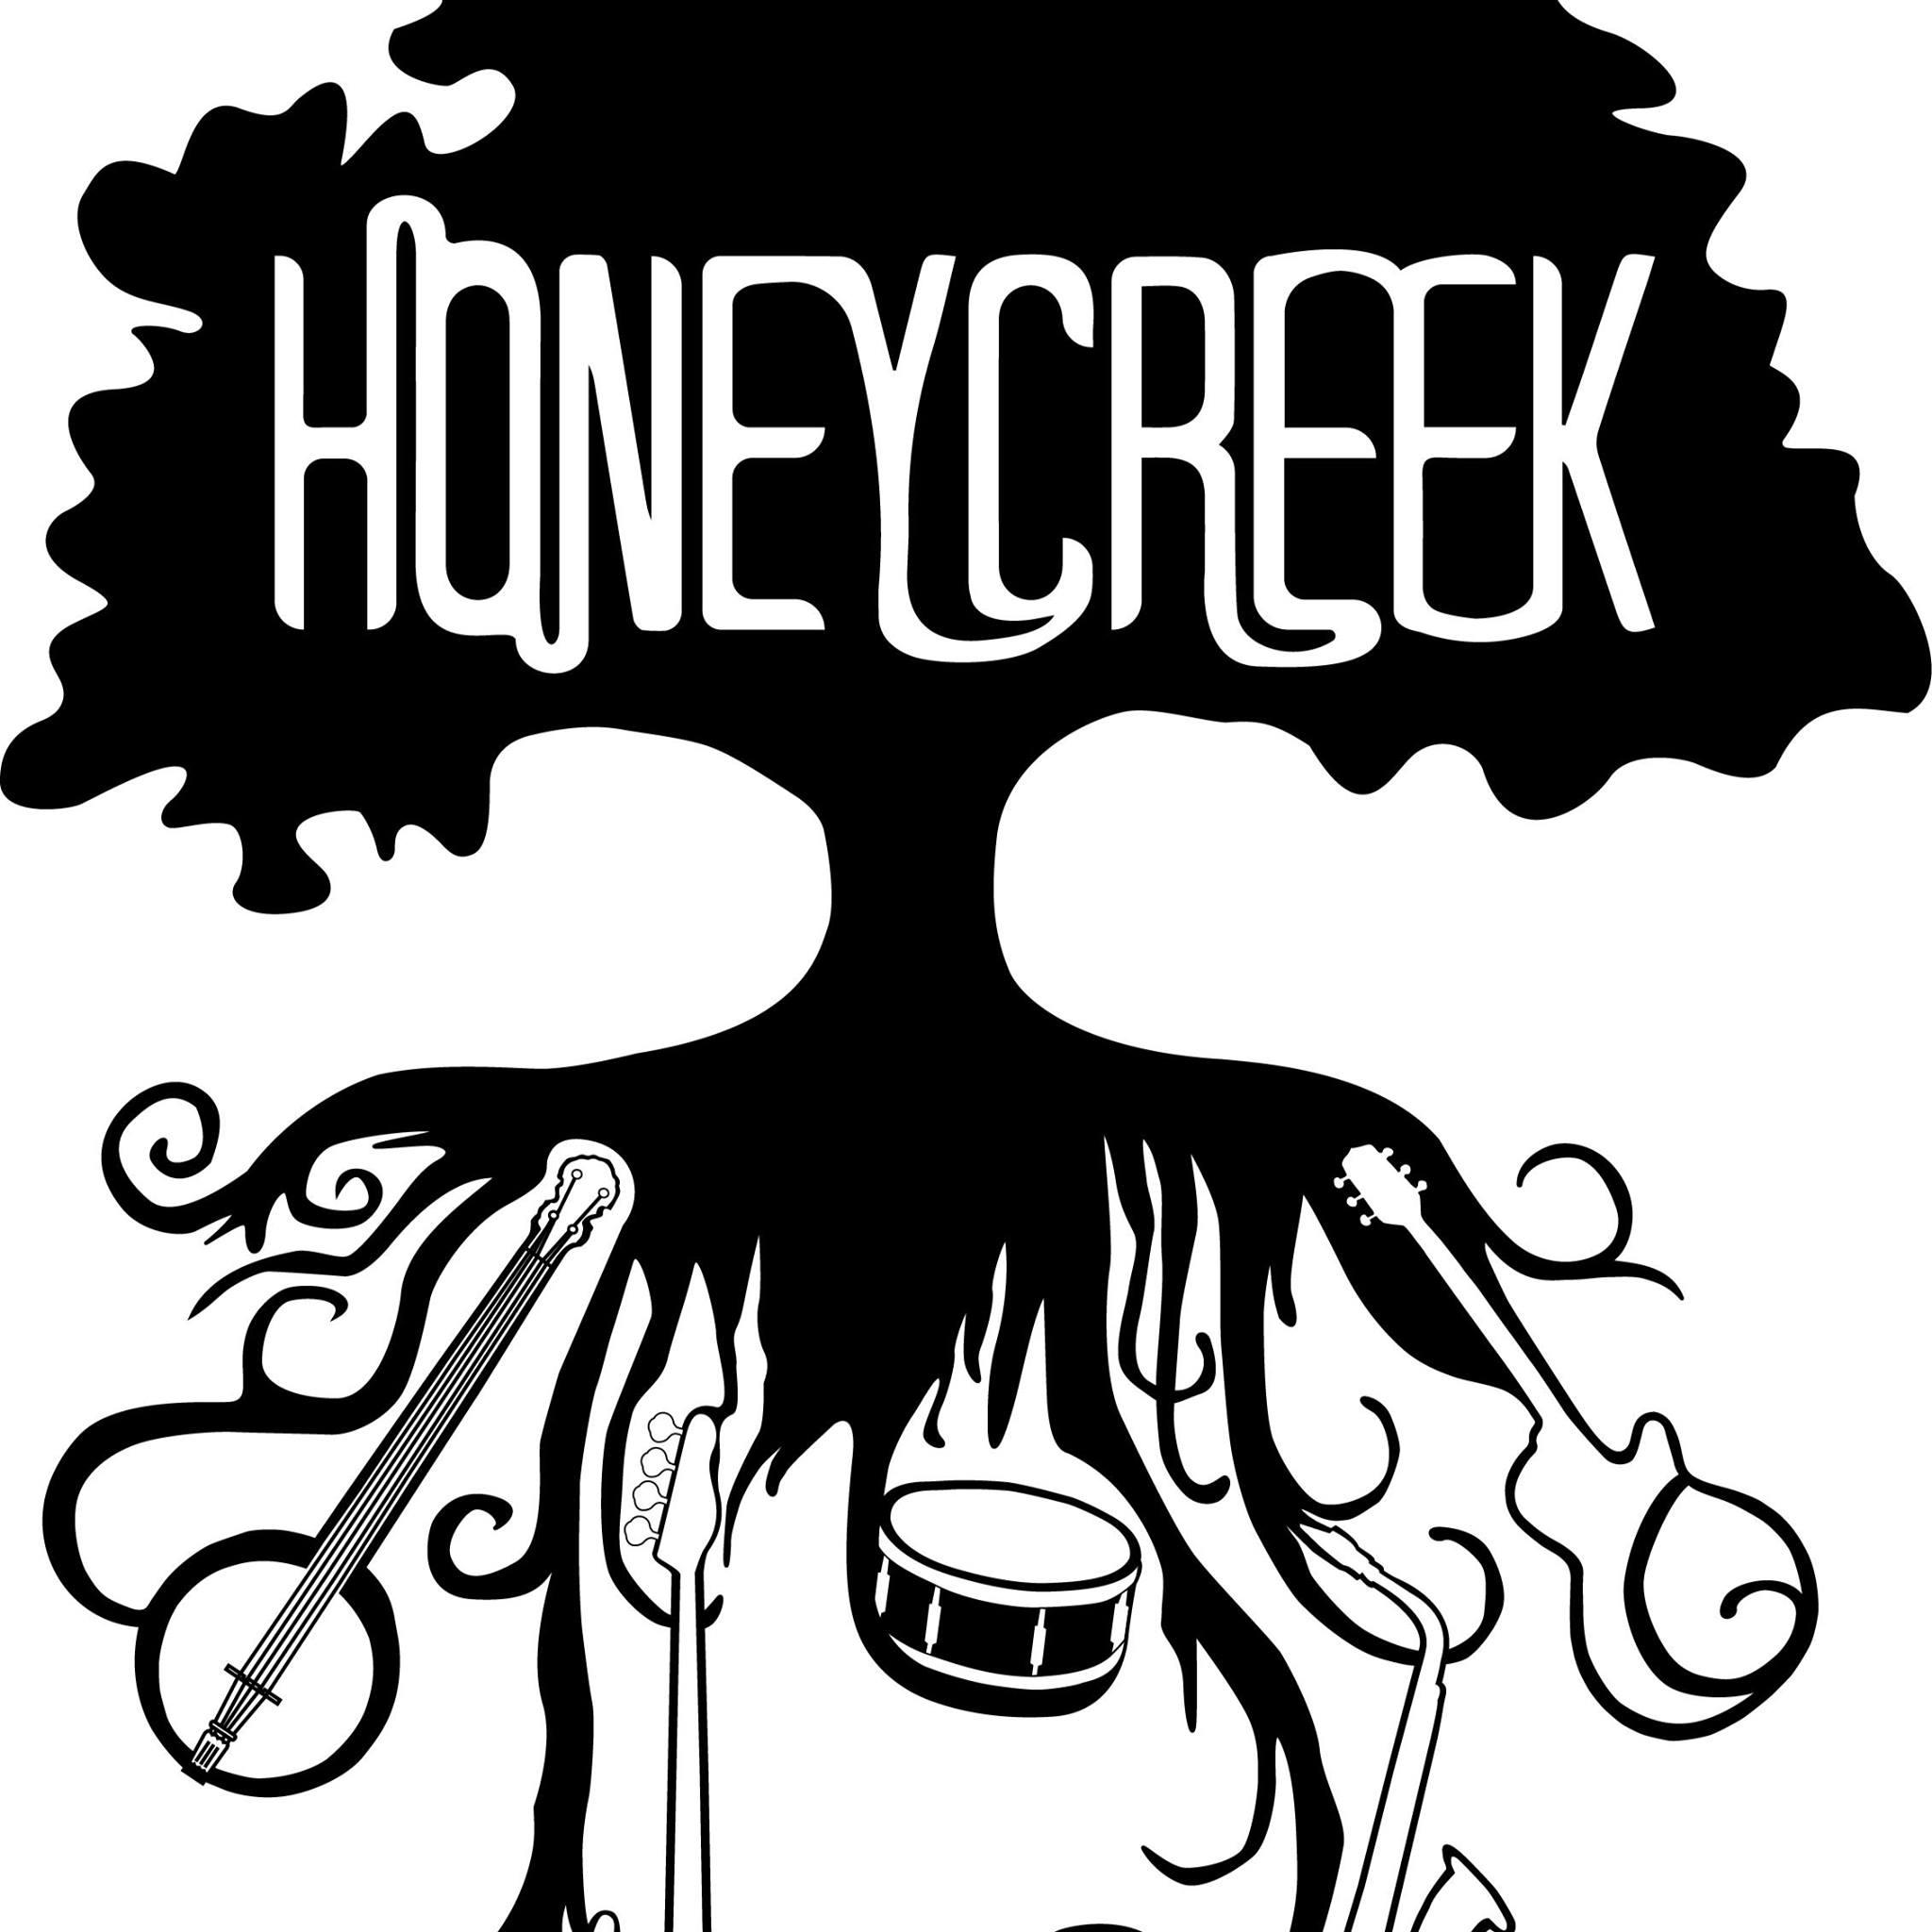 HoneyCreek - Americana